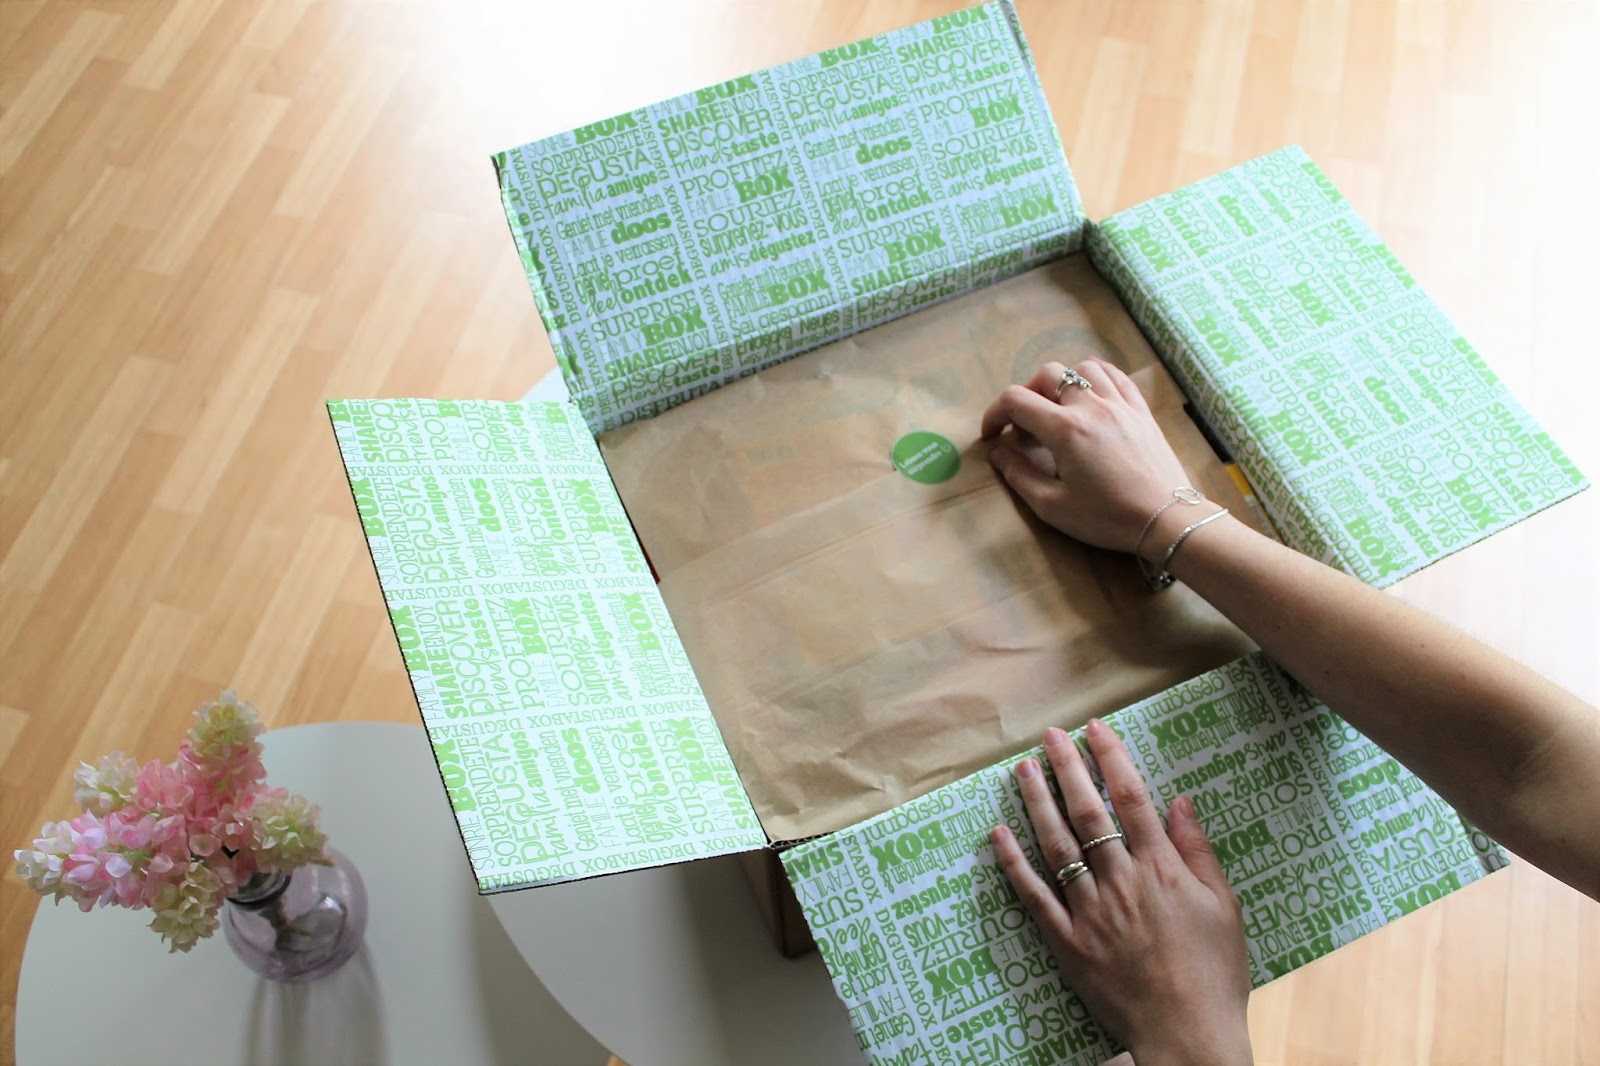 degustabox dégustabox box food nourriture alimentation bouffe junkfood fastfood abonnement surprise rentrée ouverture unboxing les gommettes de melo gommette gomette avis colis